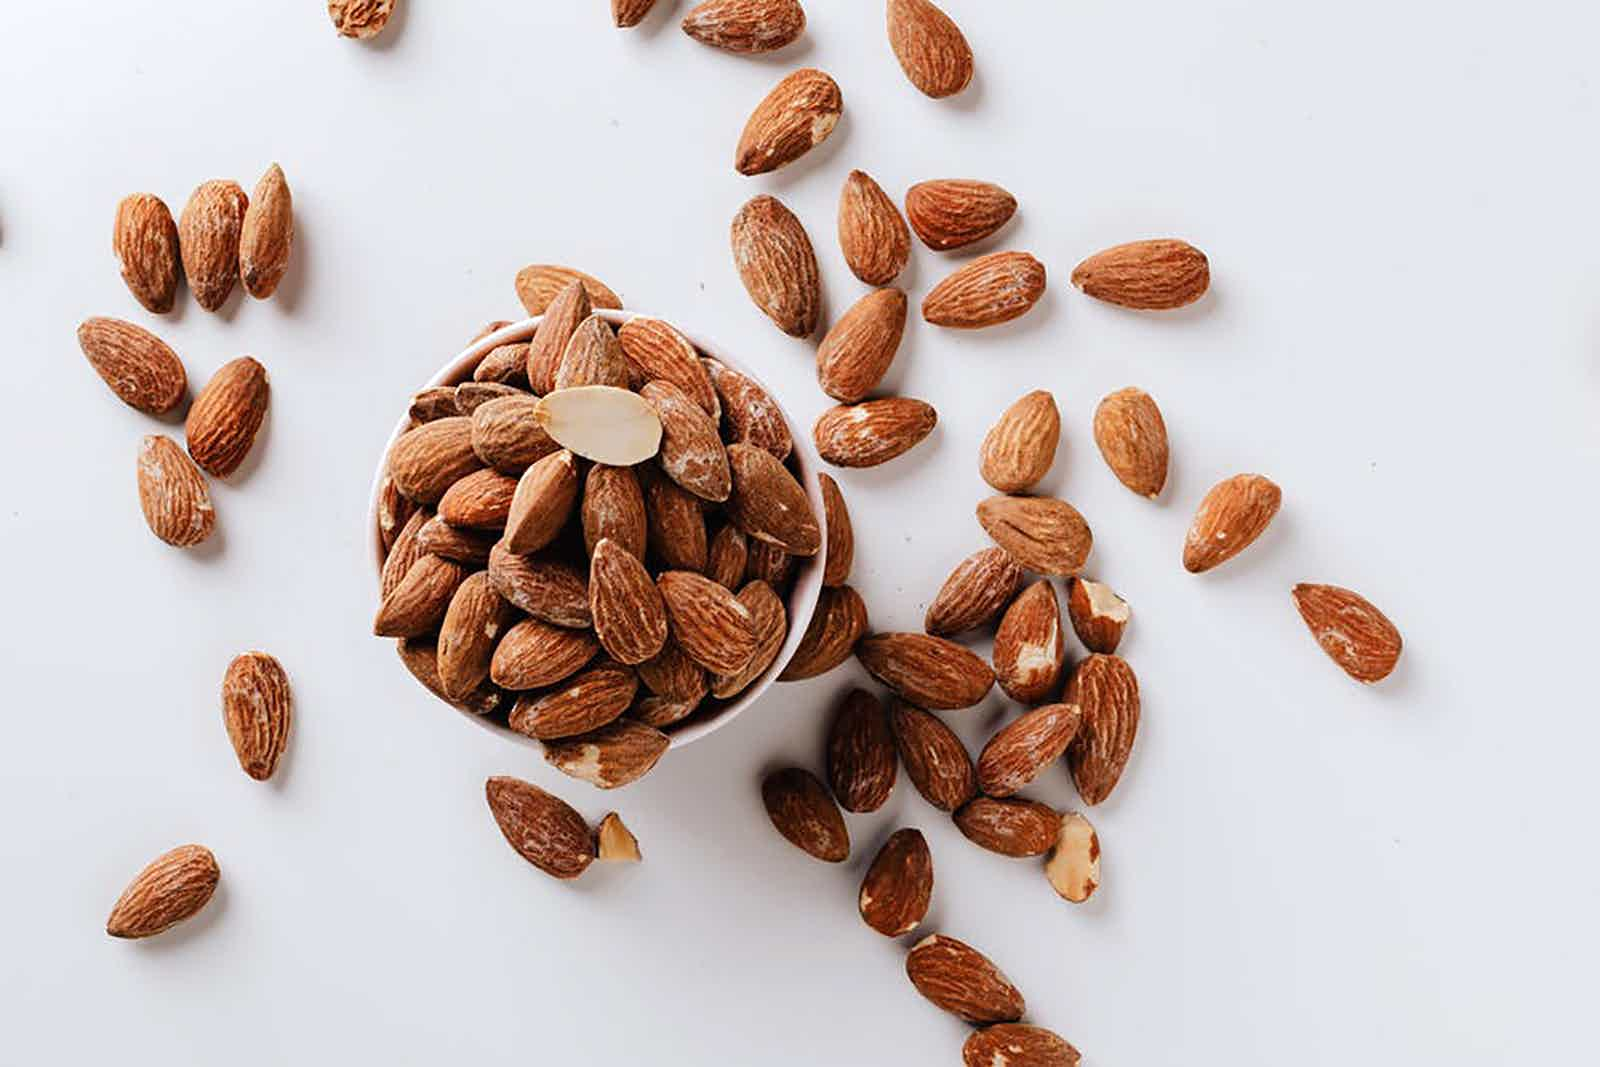 Health Food Nuts